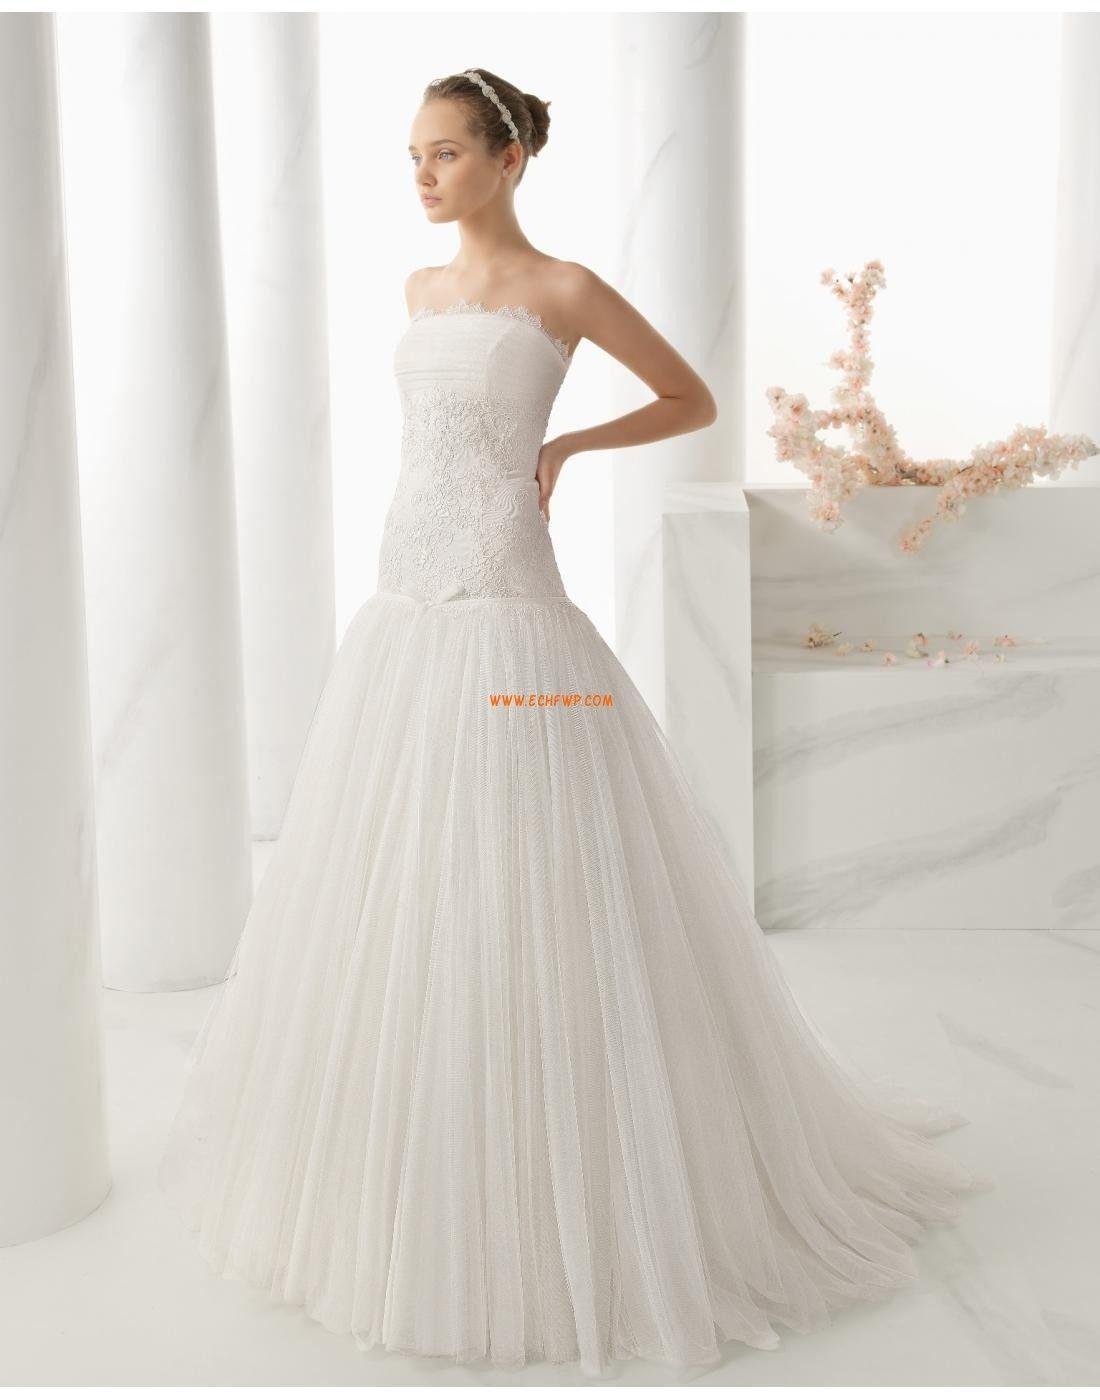 Halle Hochzeitskleider mit Schal Frühling Brautkleider 2015 $278 ...